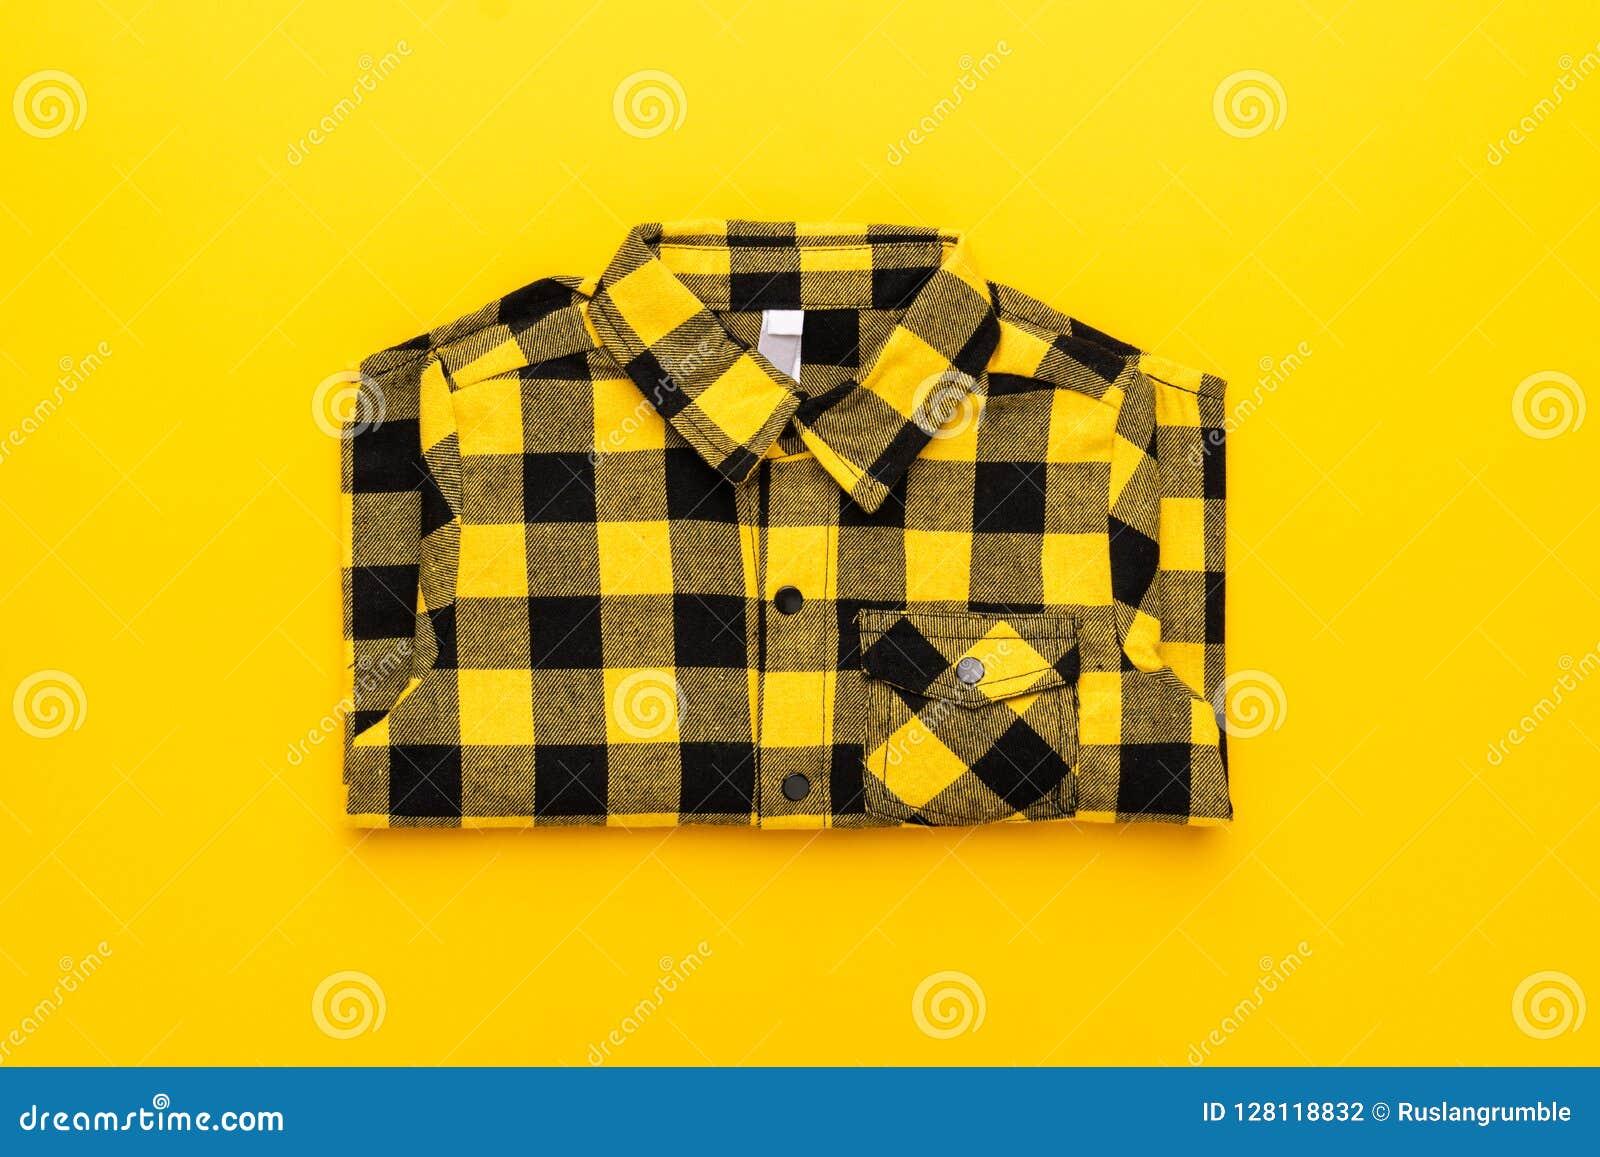 huge discount 17b5d 08454 Camicia A Quadretti Gialla E Nera Fotografia Stock ...